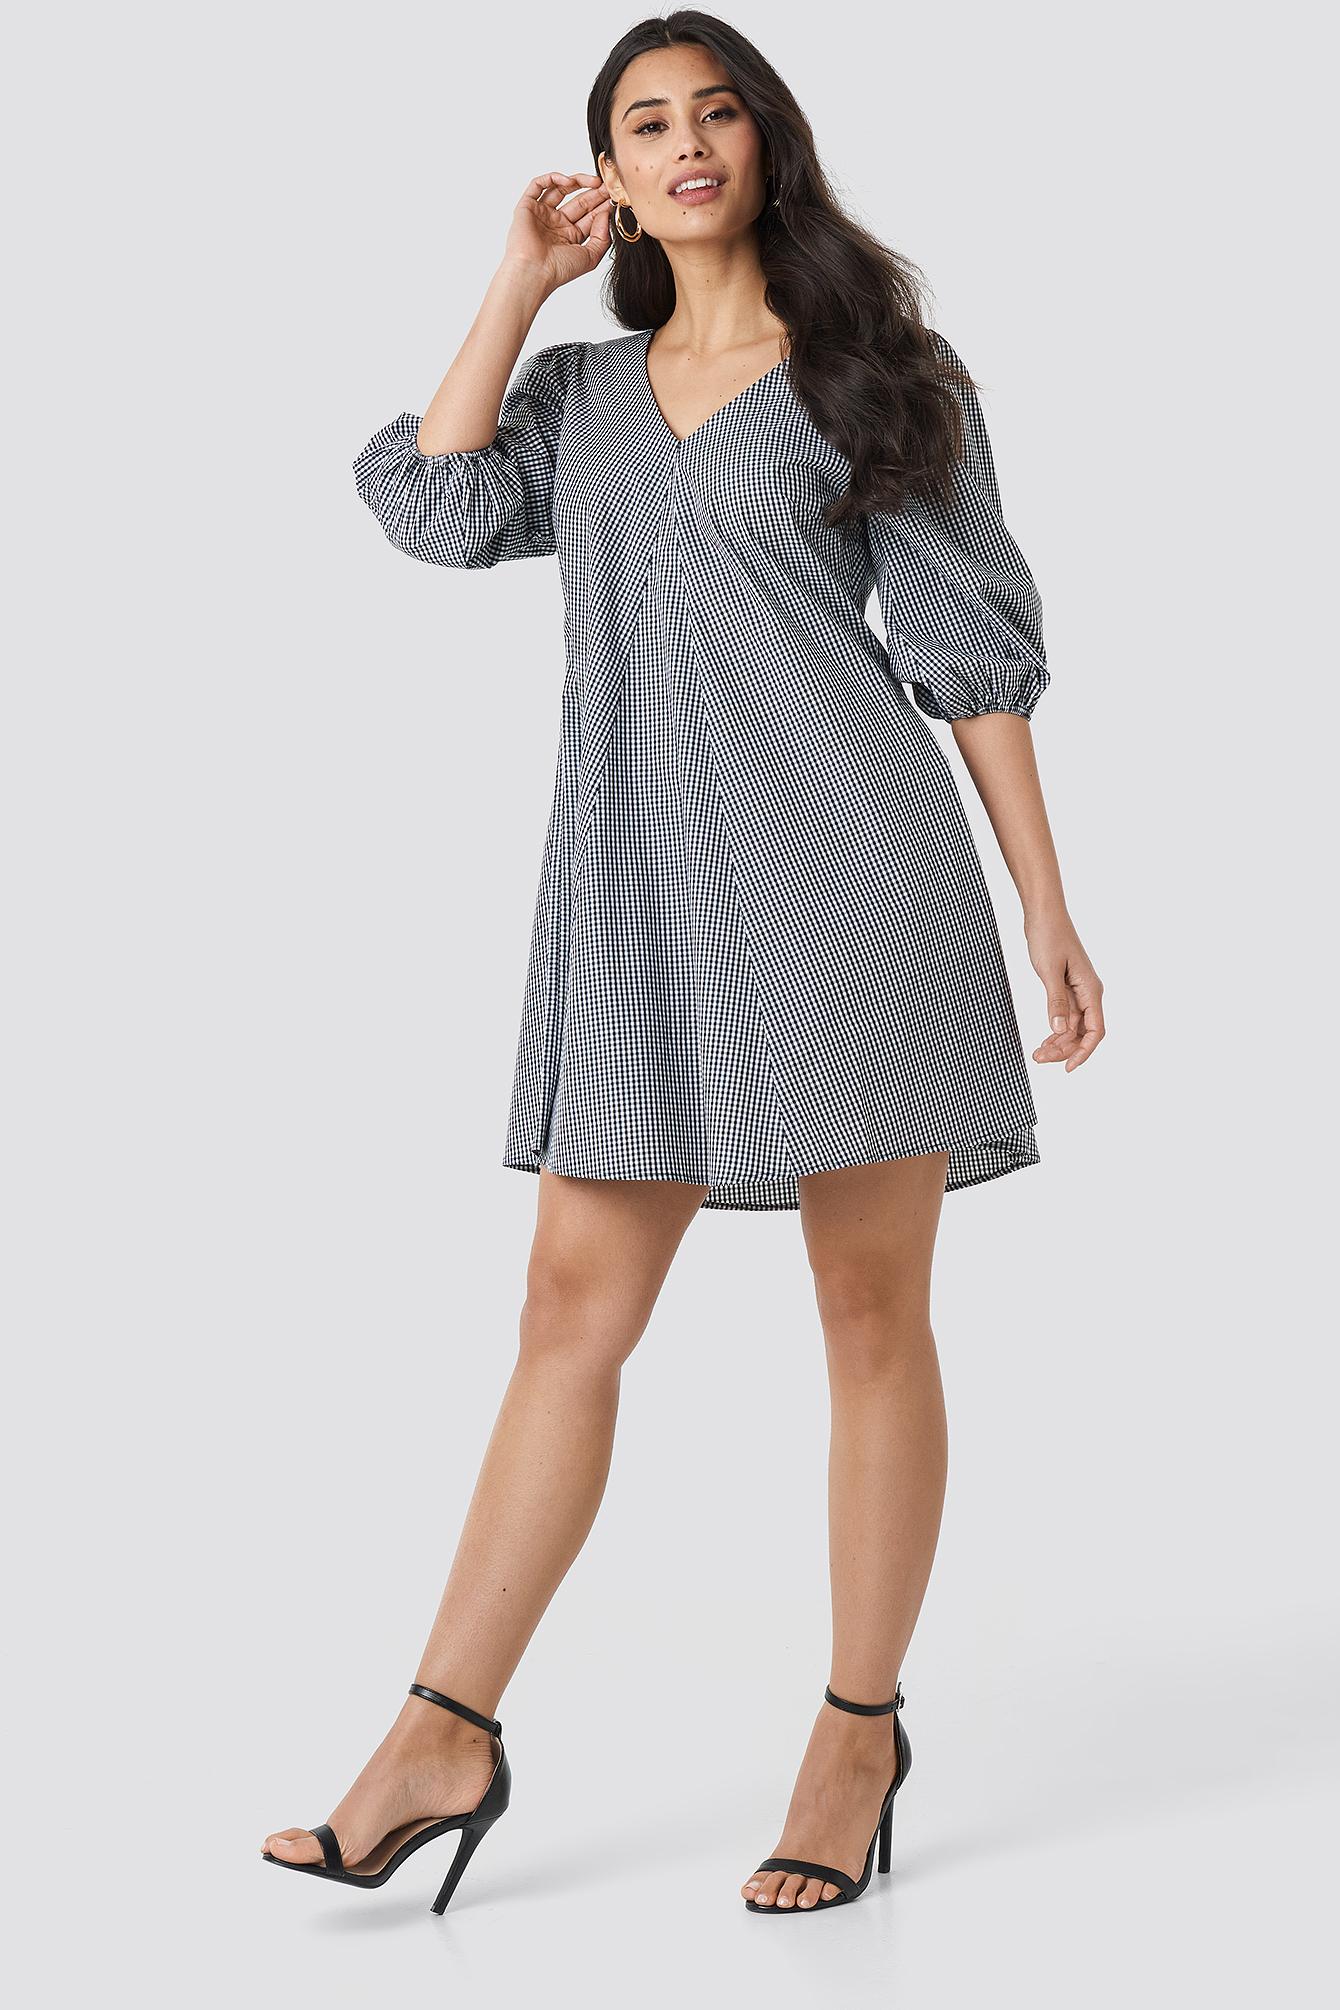 V-back and Front Short Sleeve Dress NA-KD.COM